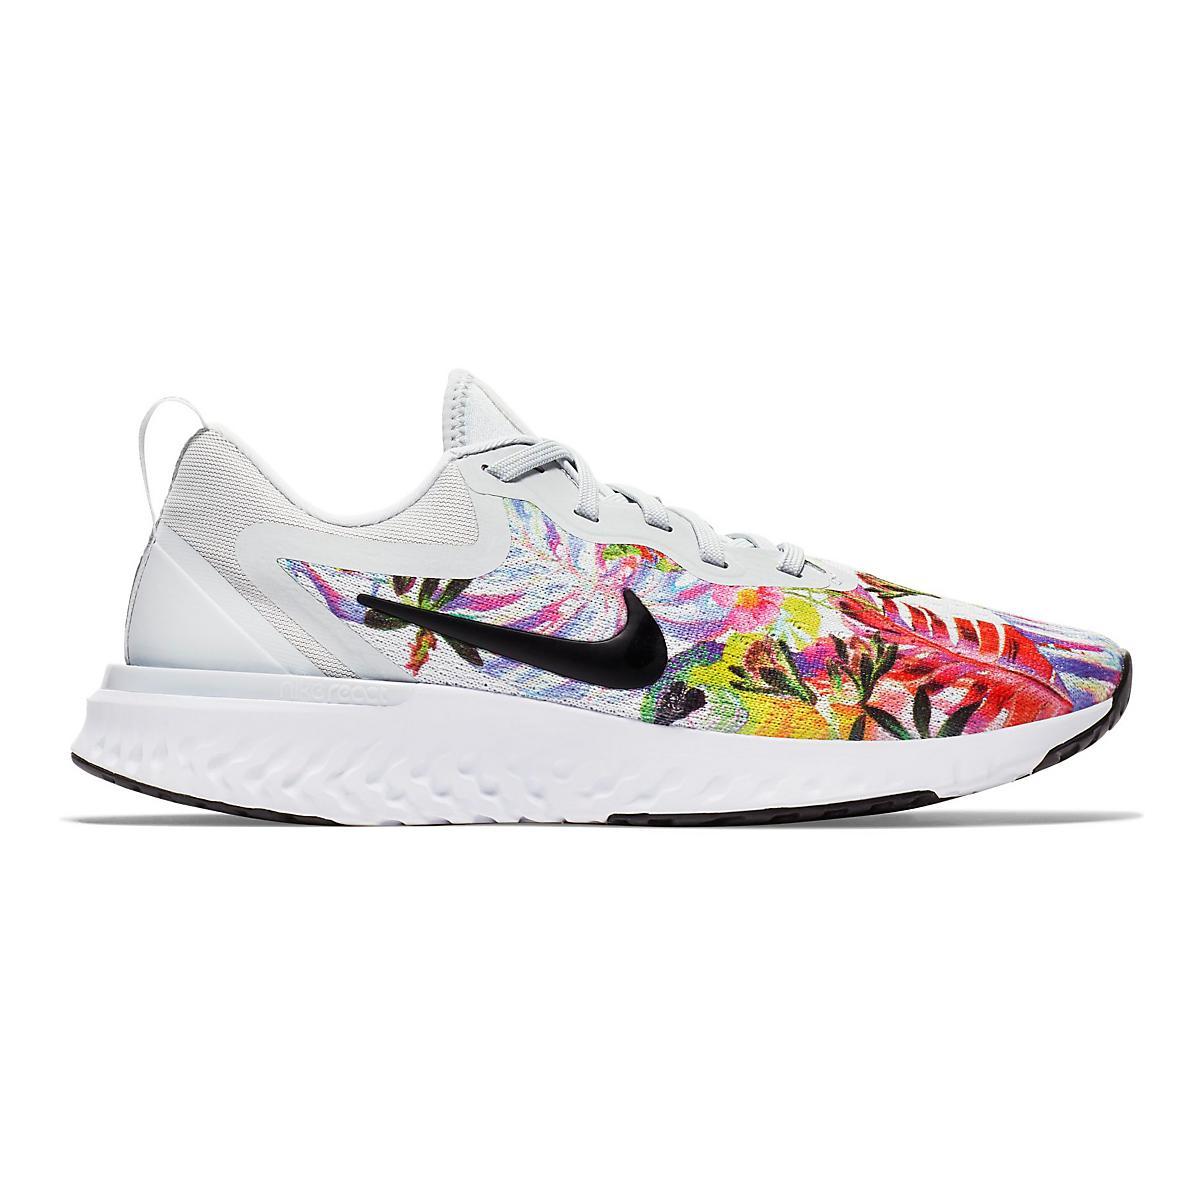 chaussures de sport 47cd0 df24f Women's Odyssey React Ultra Femme